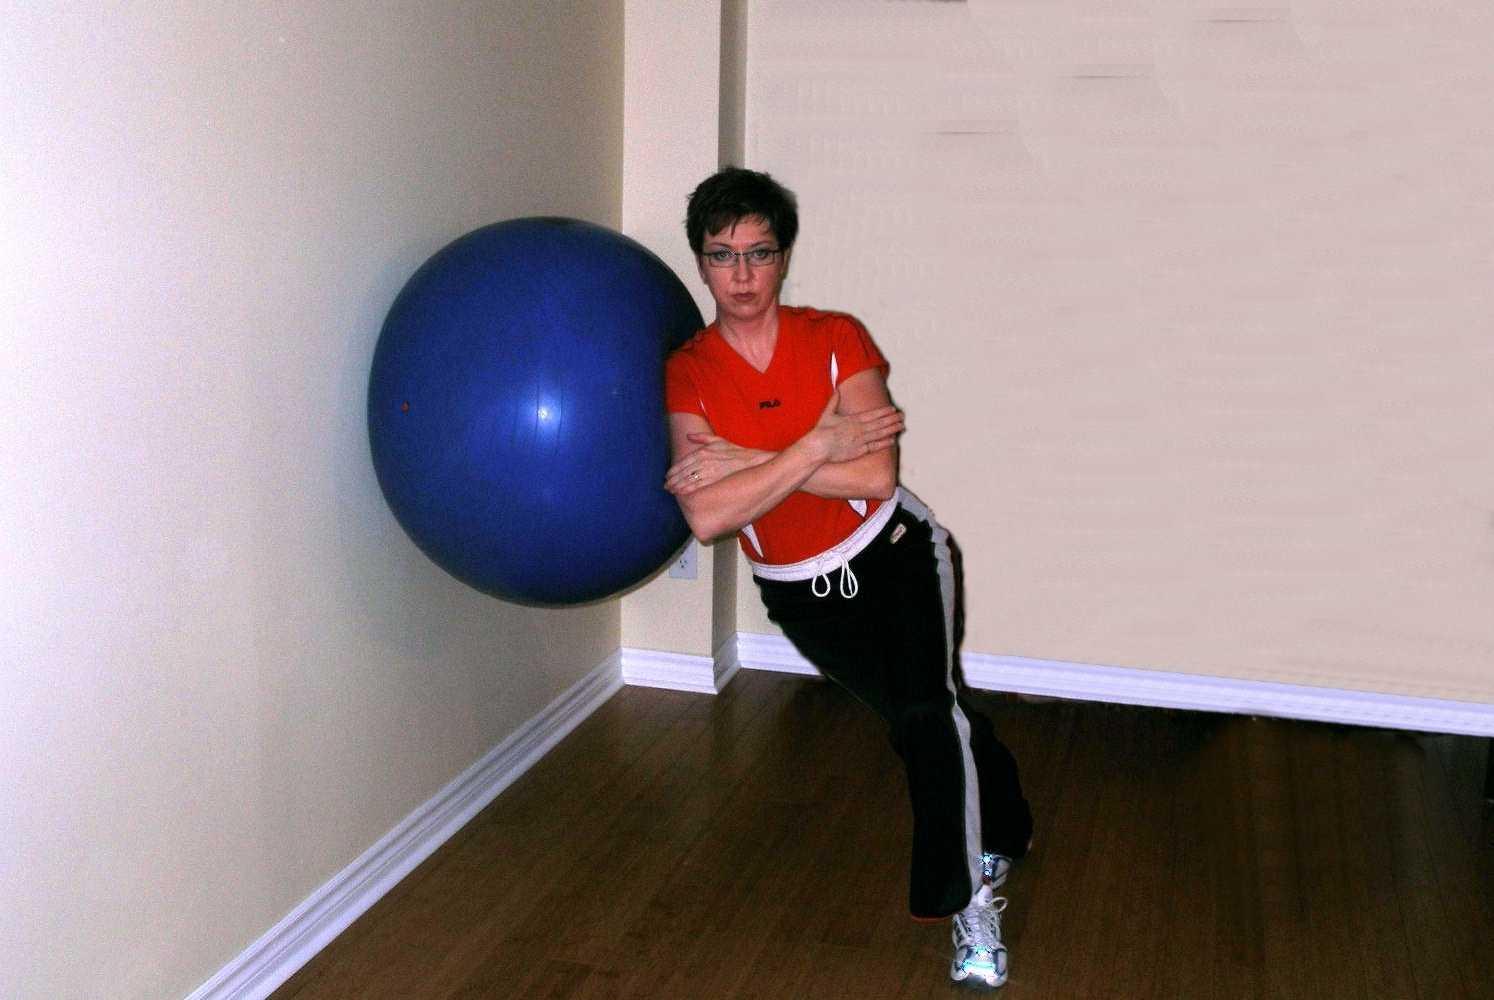 exercise ball side squat finish